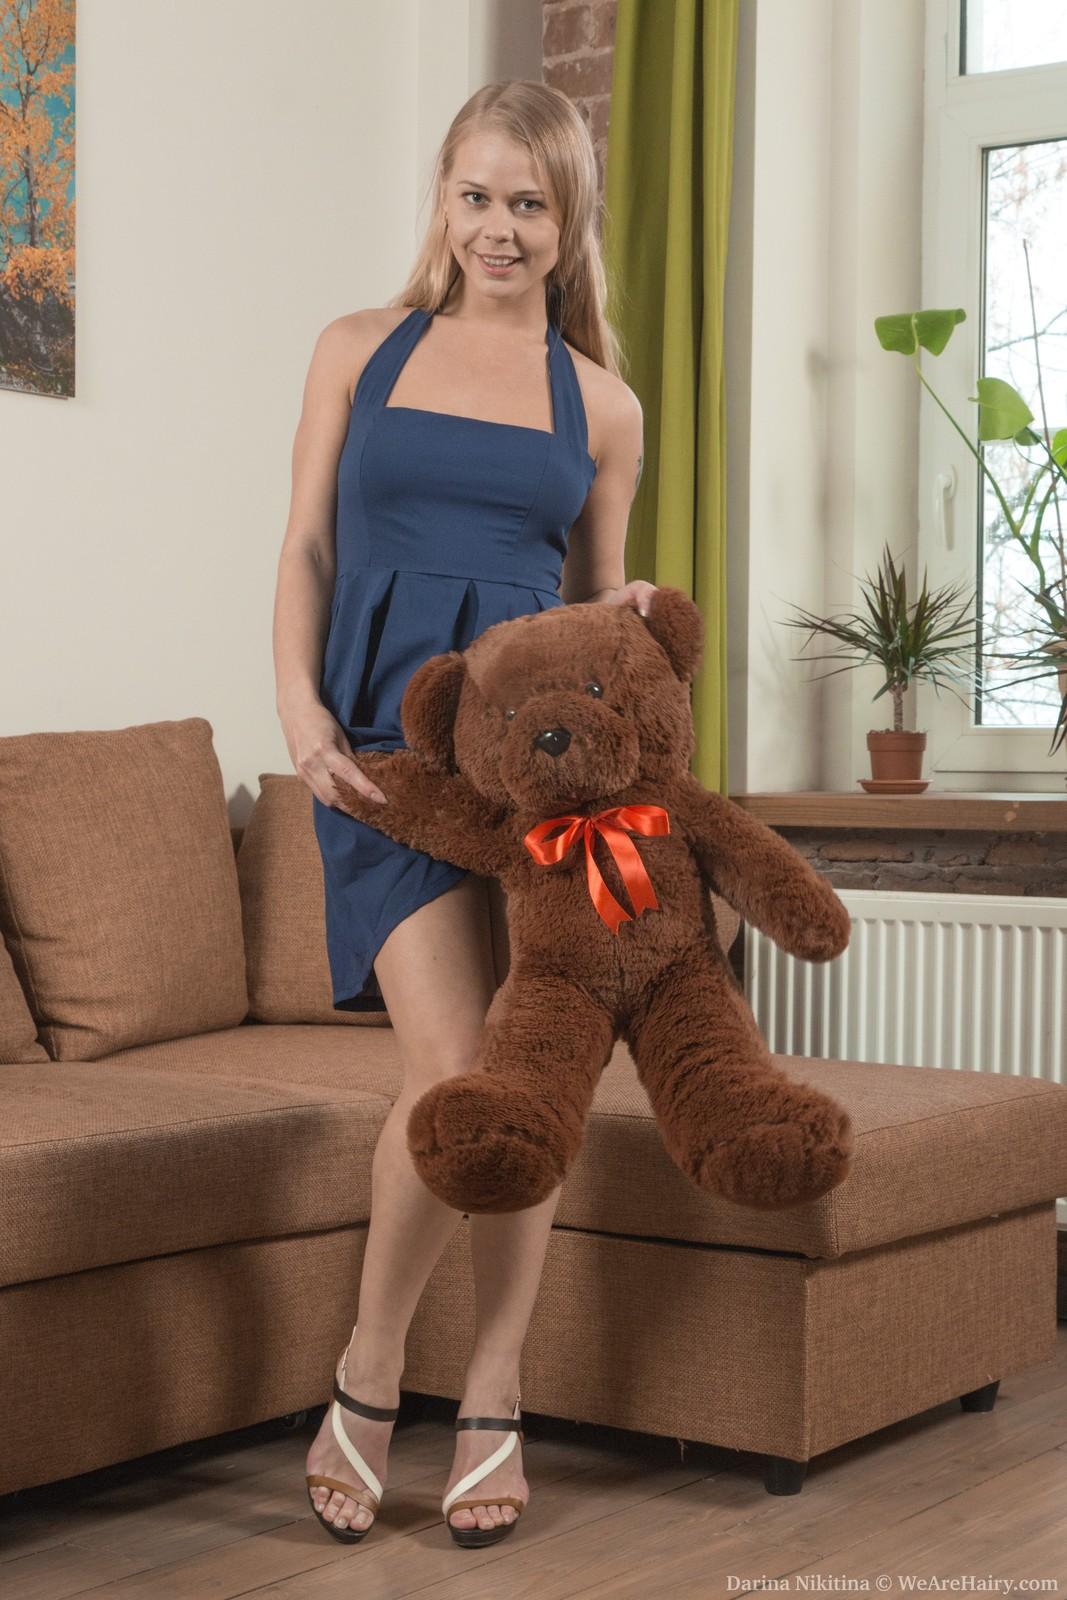 Darina Nikitina strips and masturbates with a toy